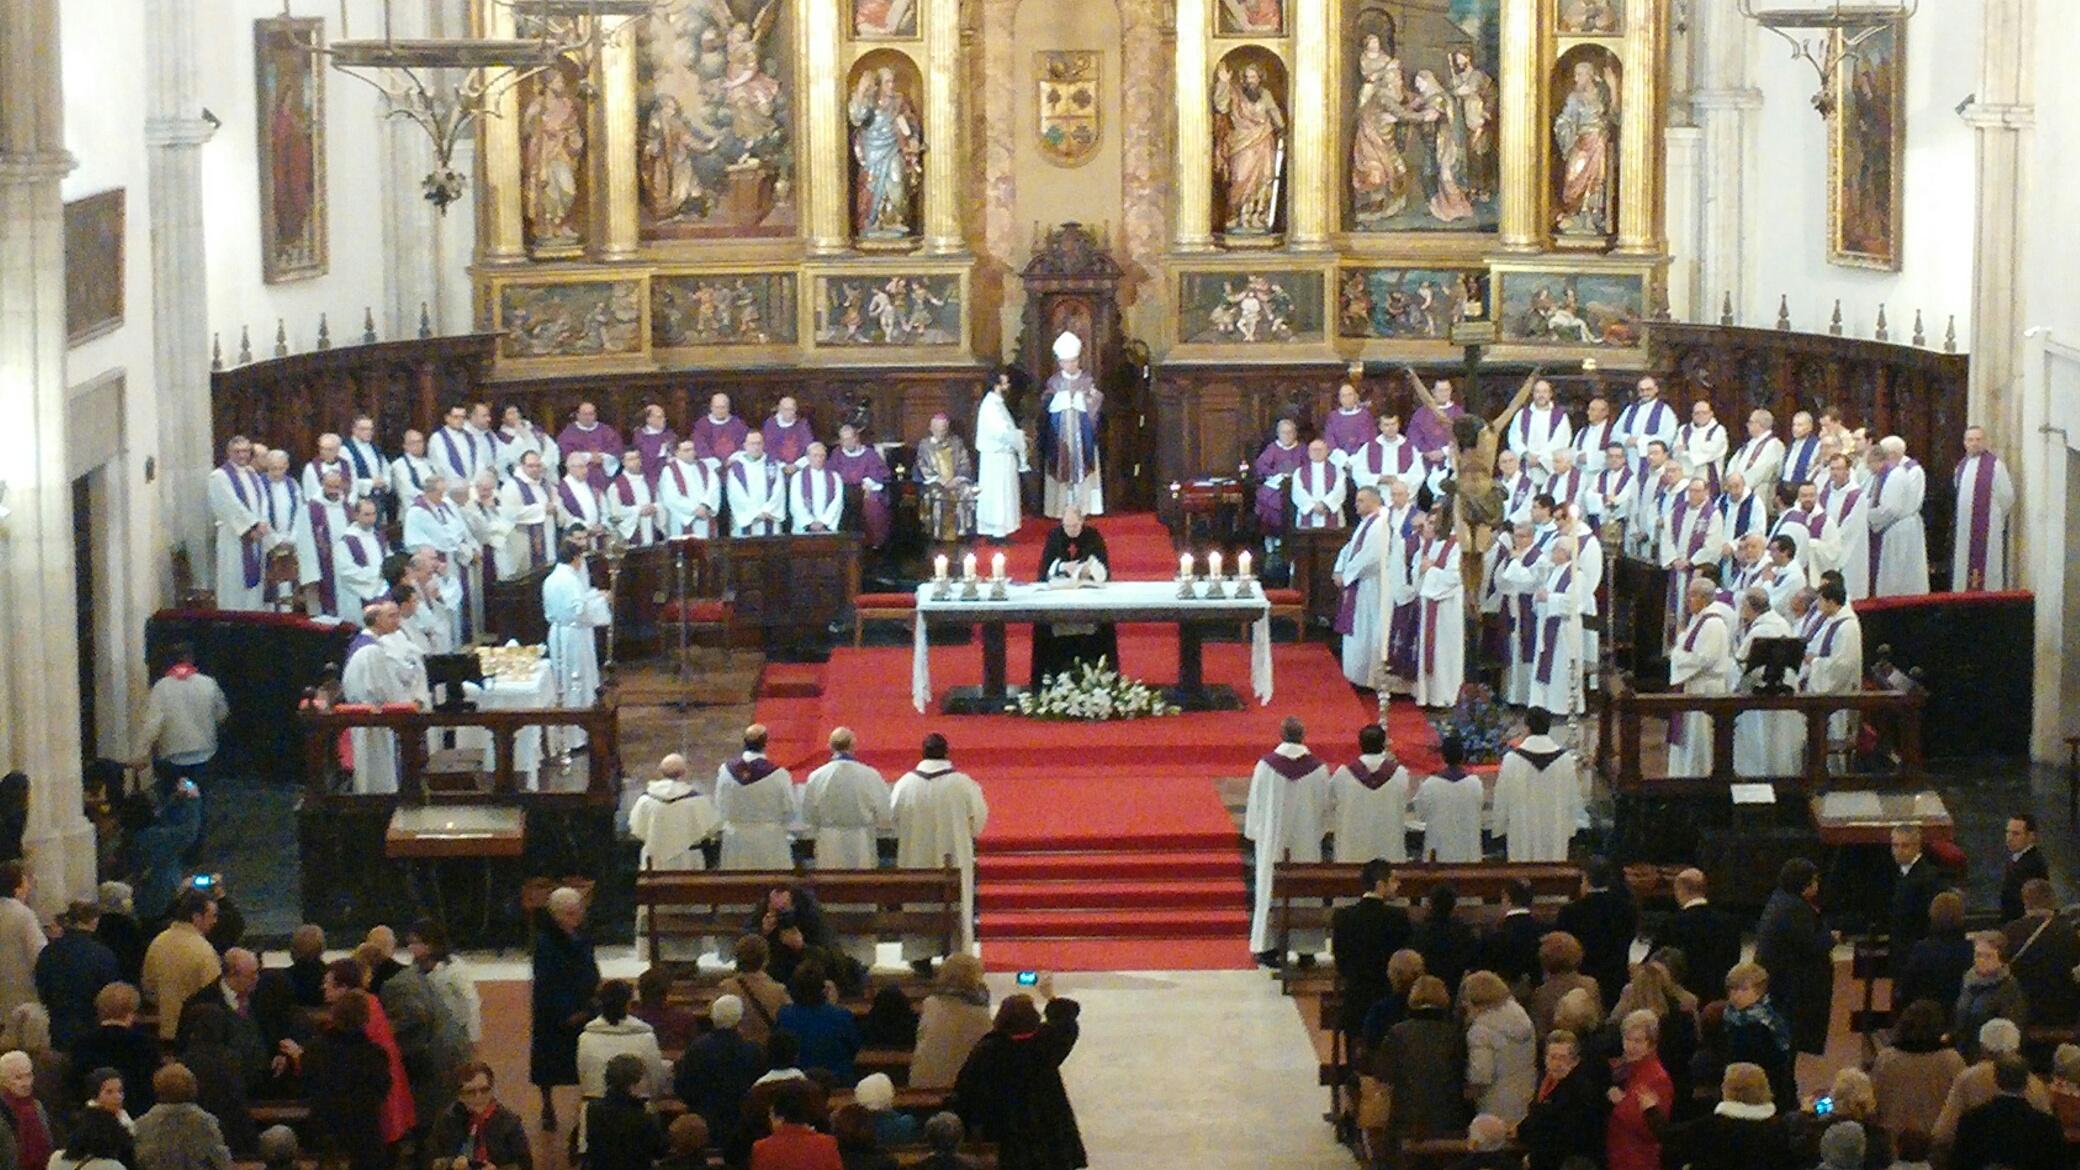 La apertura de la Puerta Santa de la Catedral de Ciudad Real , abre el Año Jubilar de la Misericordia